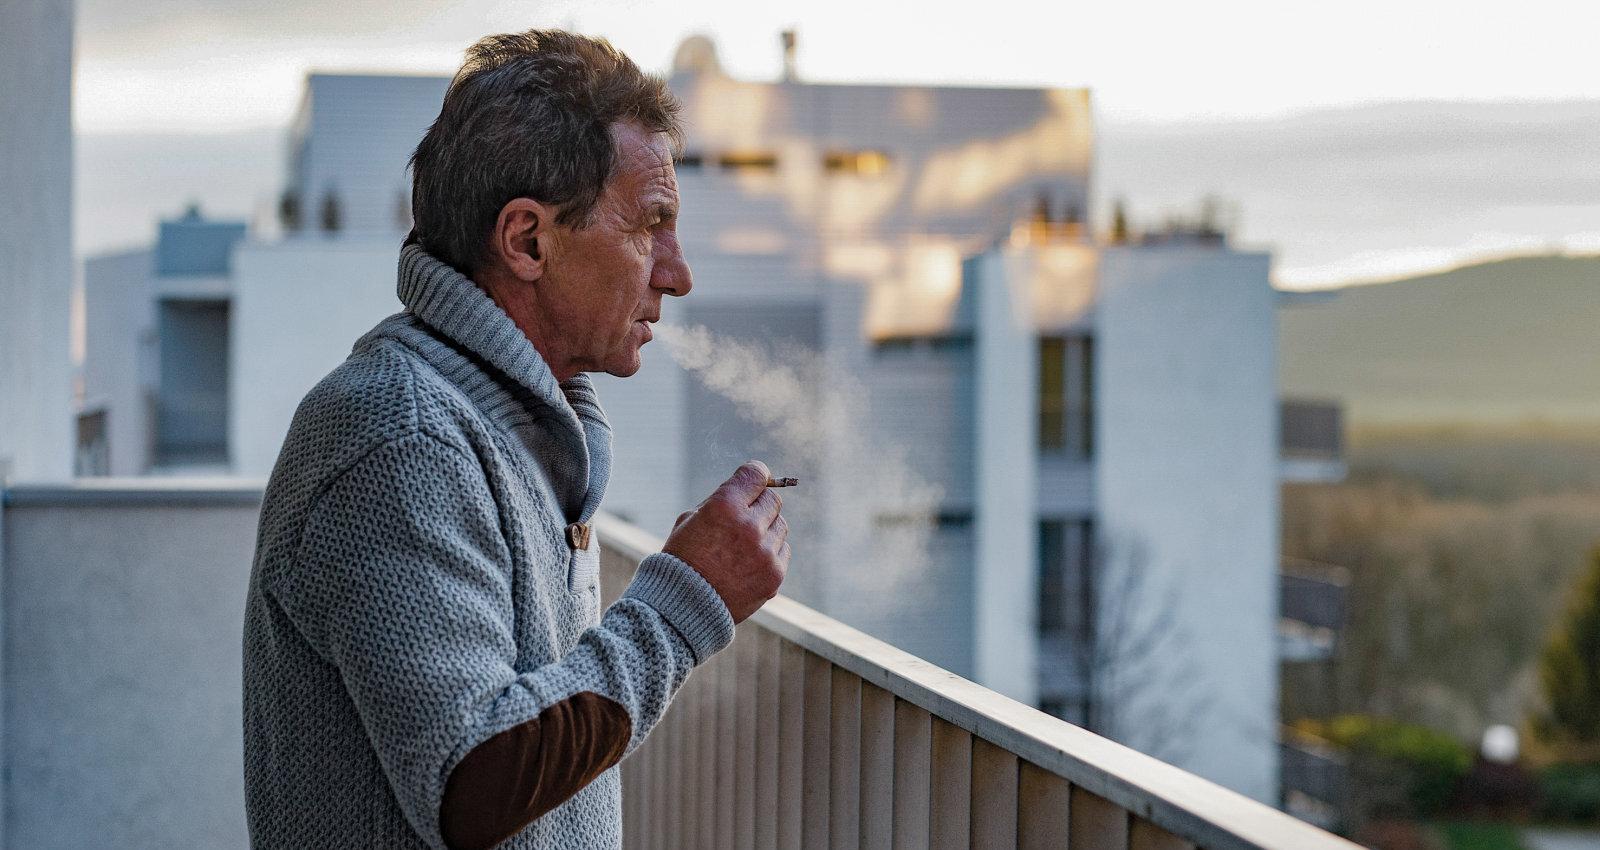 Uzpīpē uz balkona un saņem sodu. Vai likums par smēķēšanas ierobežošanu tiešām darbojas?